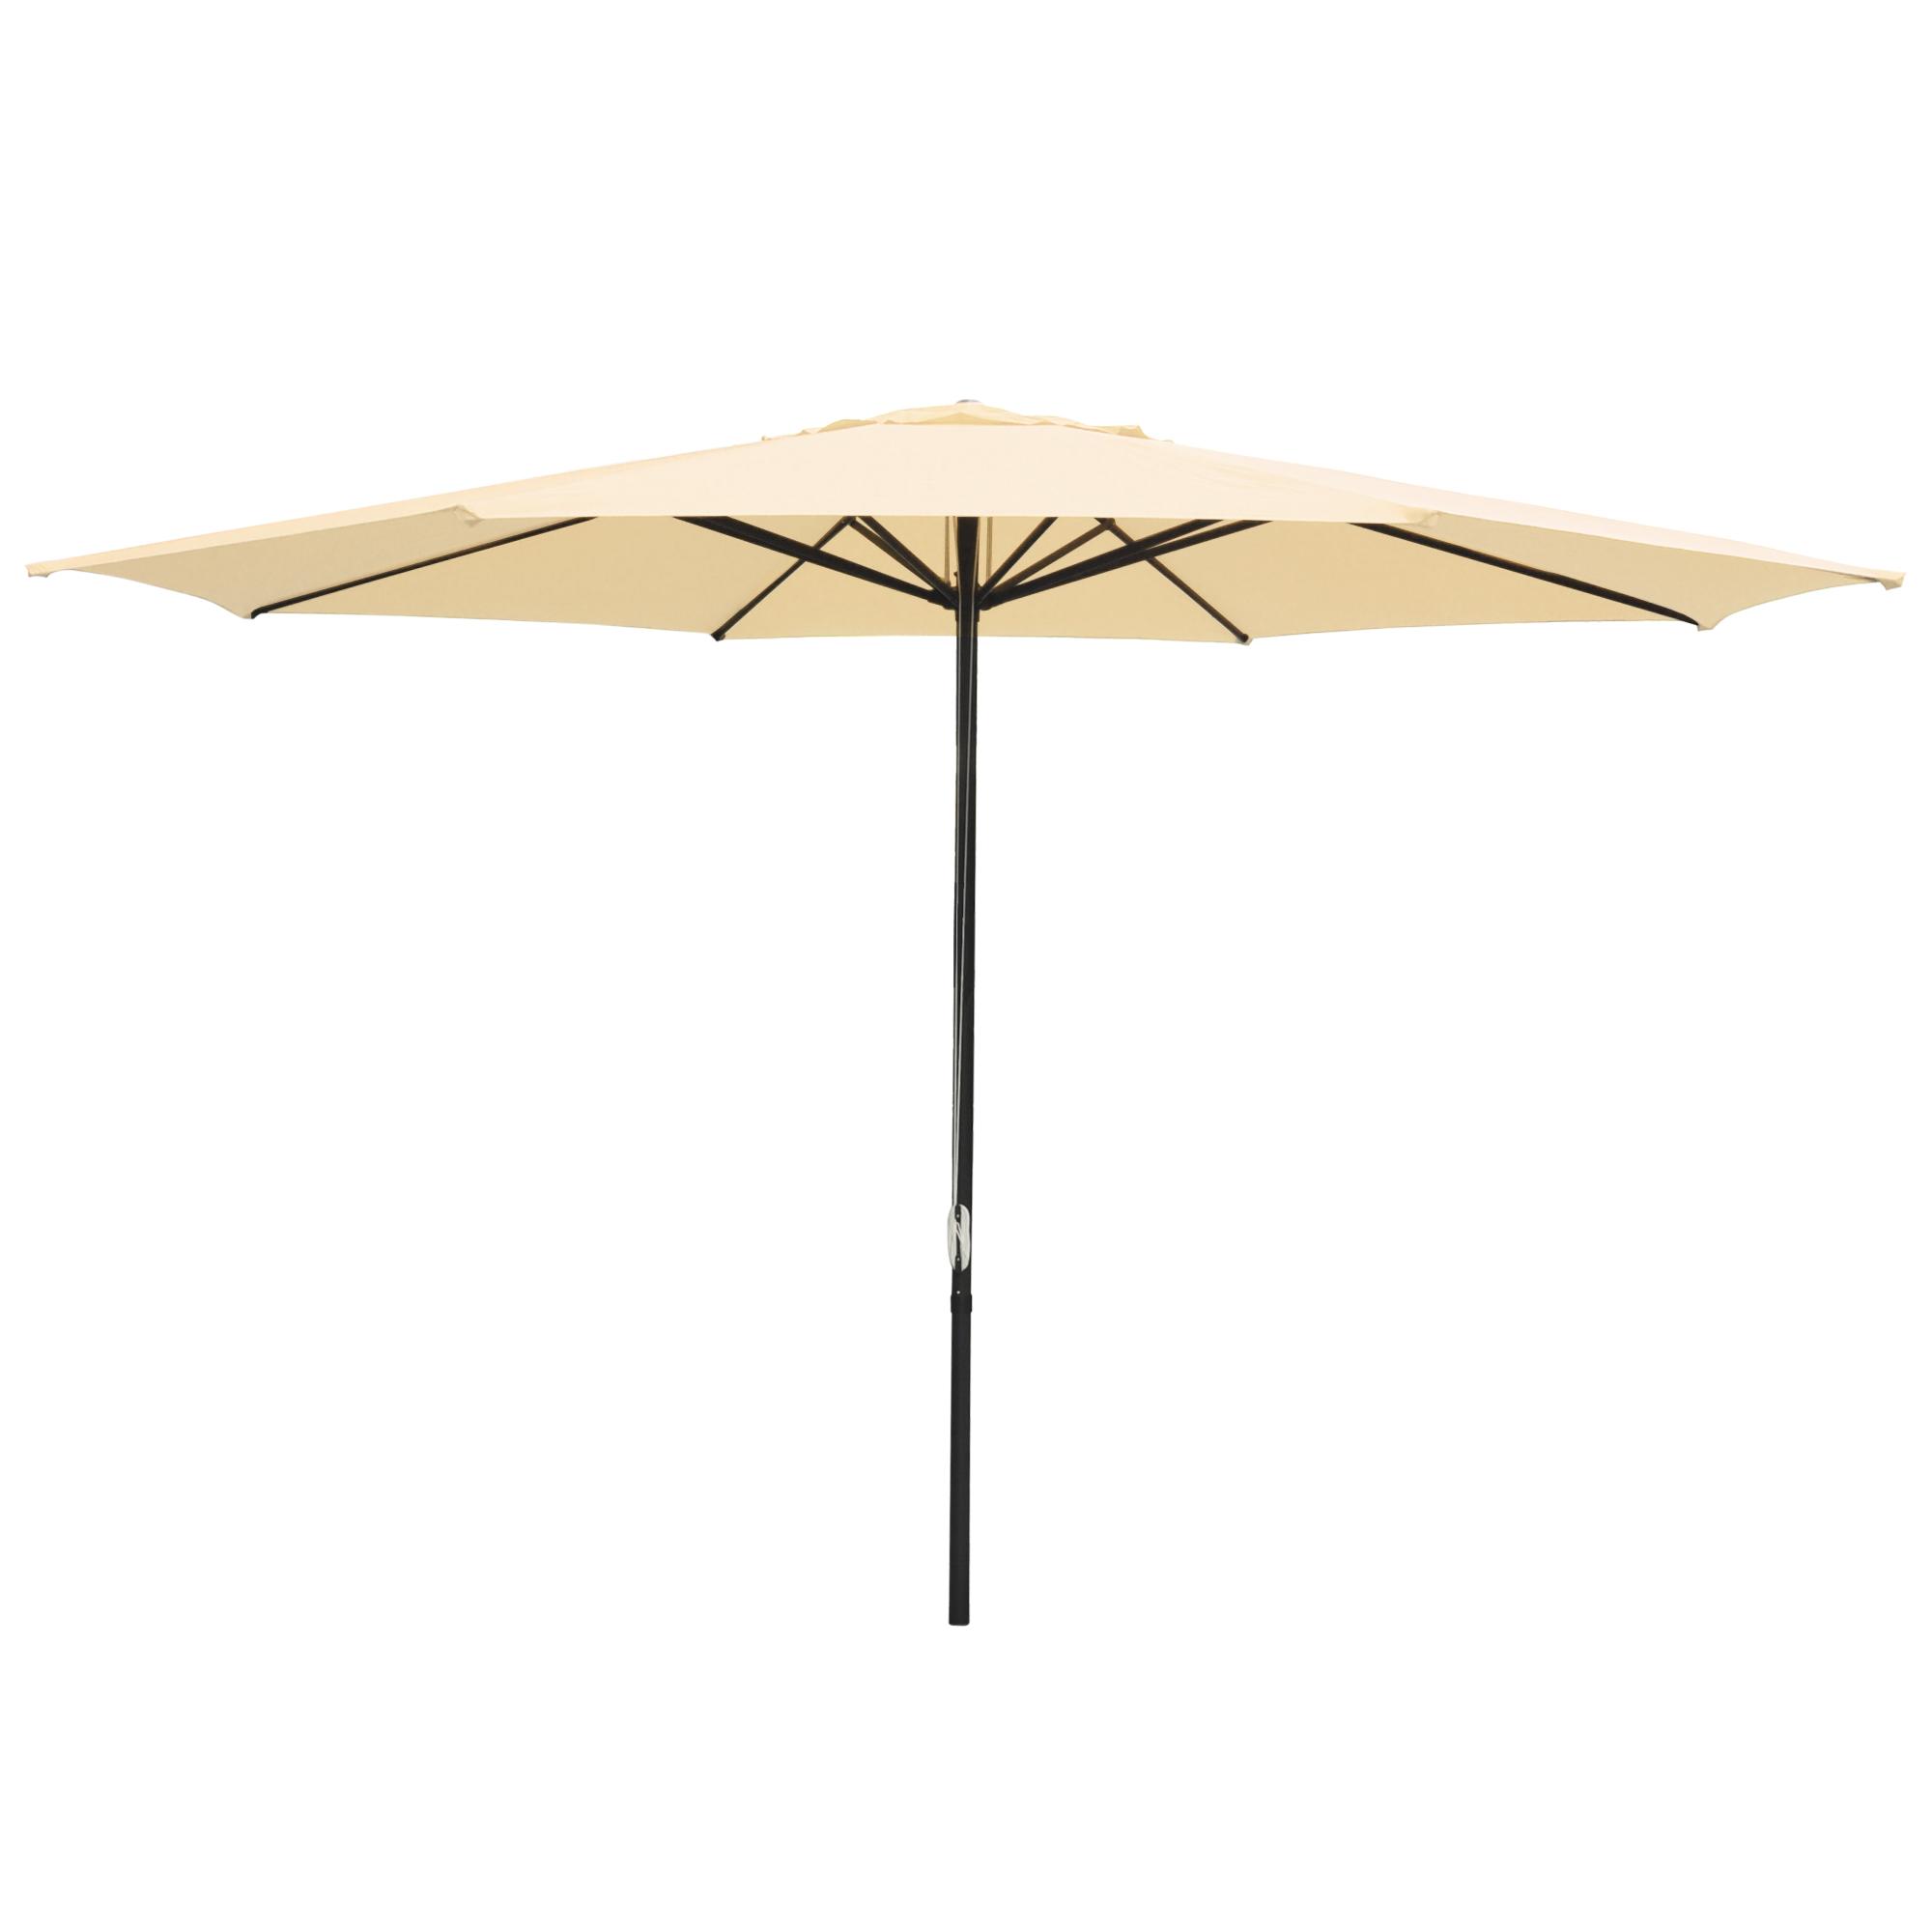 thumbnail 33 - 13' FT Sun Shade Patio Aluminum Umbrella UV30+ Outdoor Market Garden Beach Deck